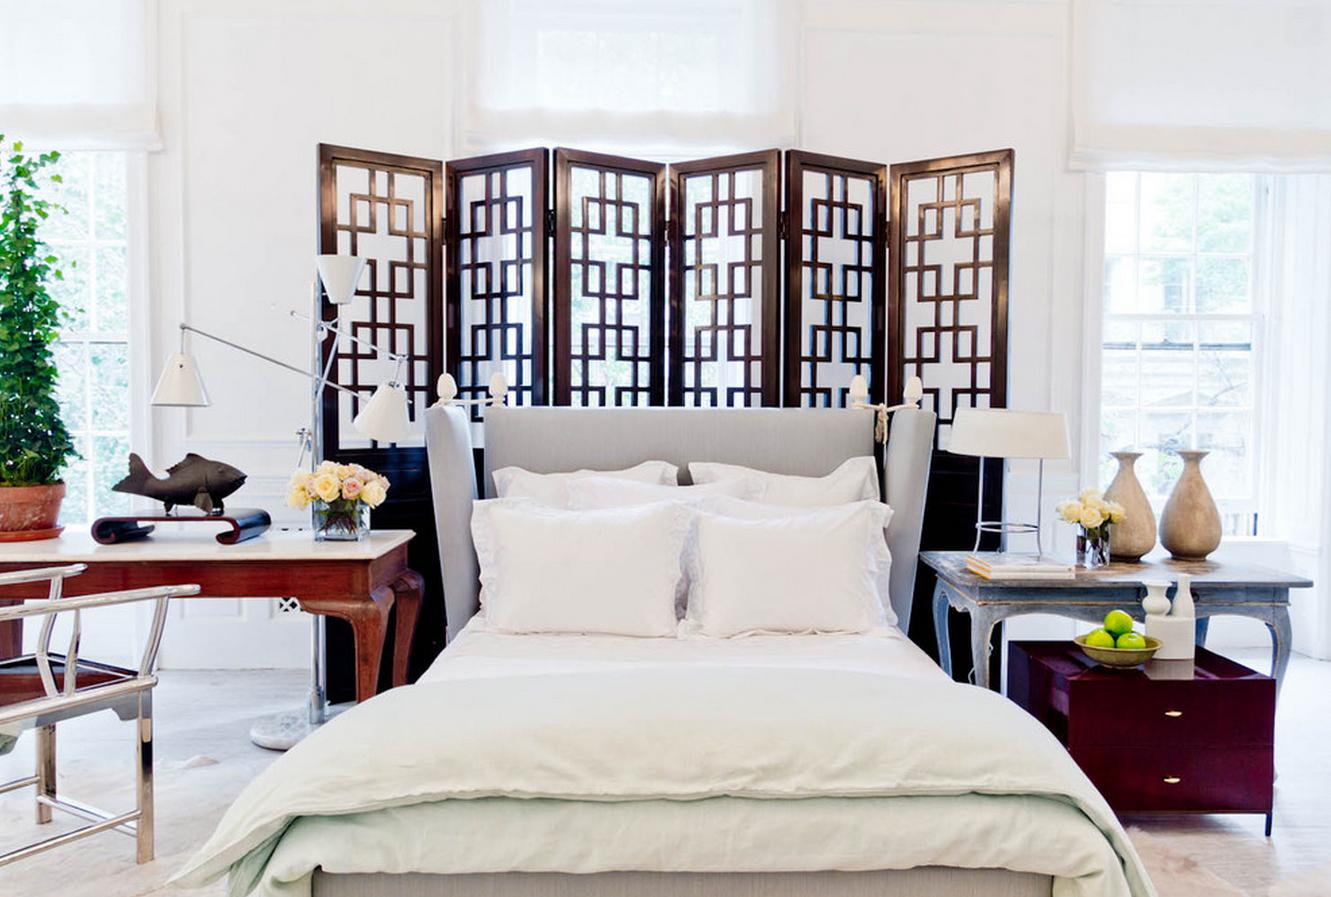 Дизайн Интерьера Спальни с Угловой Гардеробной Комнатой, Как Сделать Планировку, Идеи Для 18 Кв